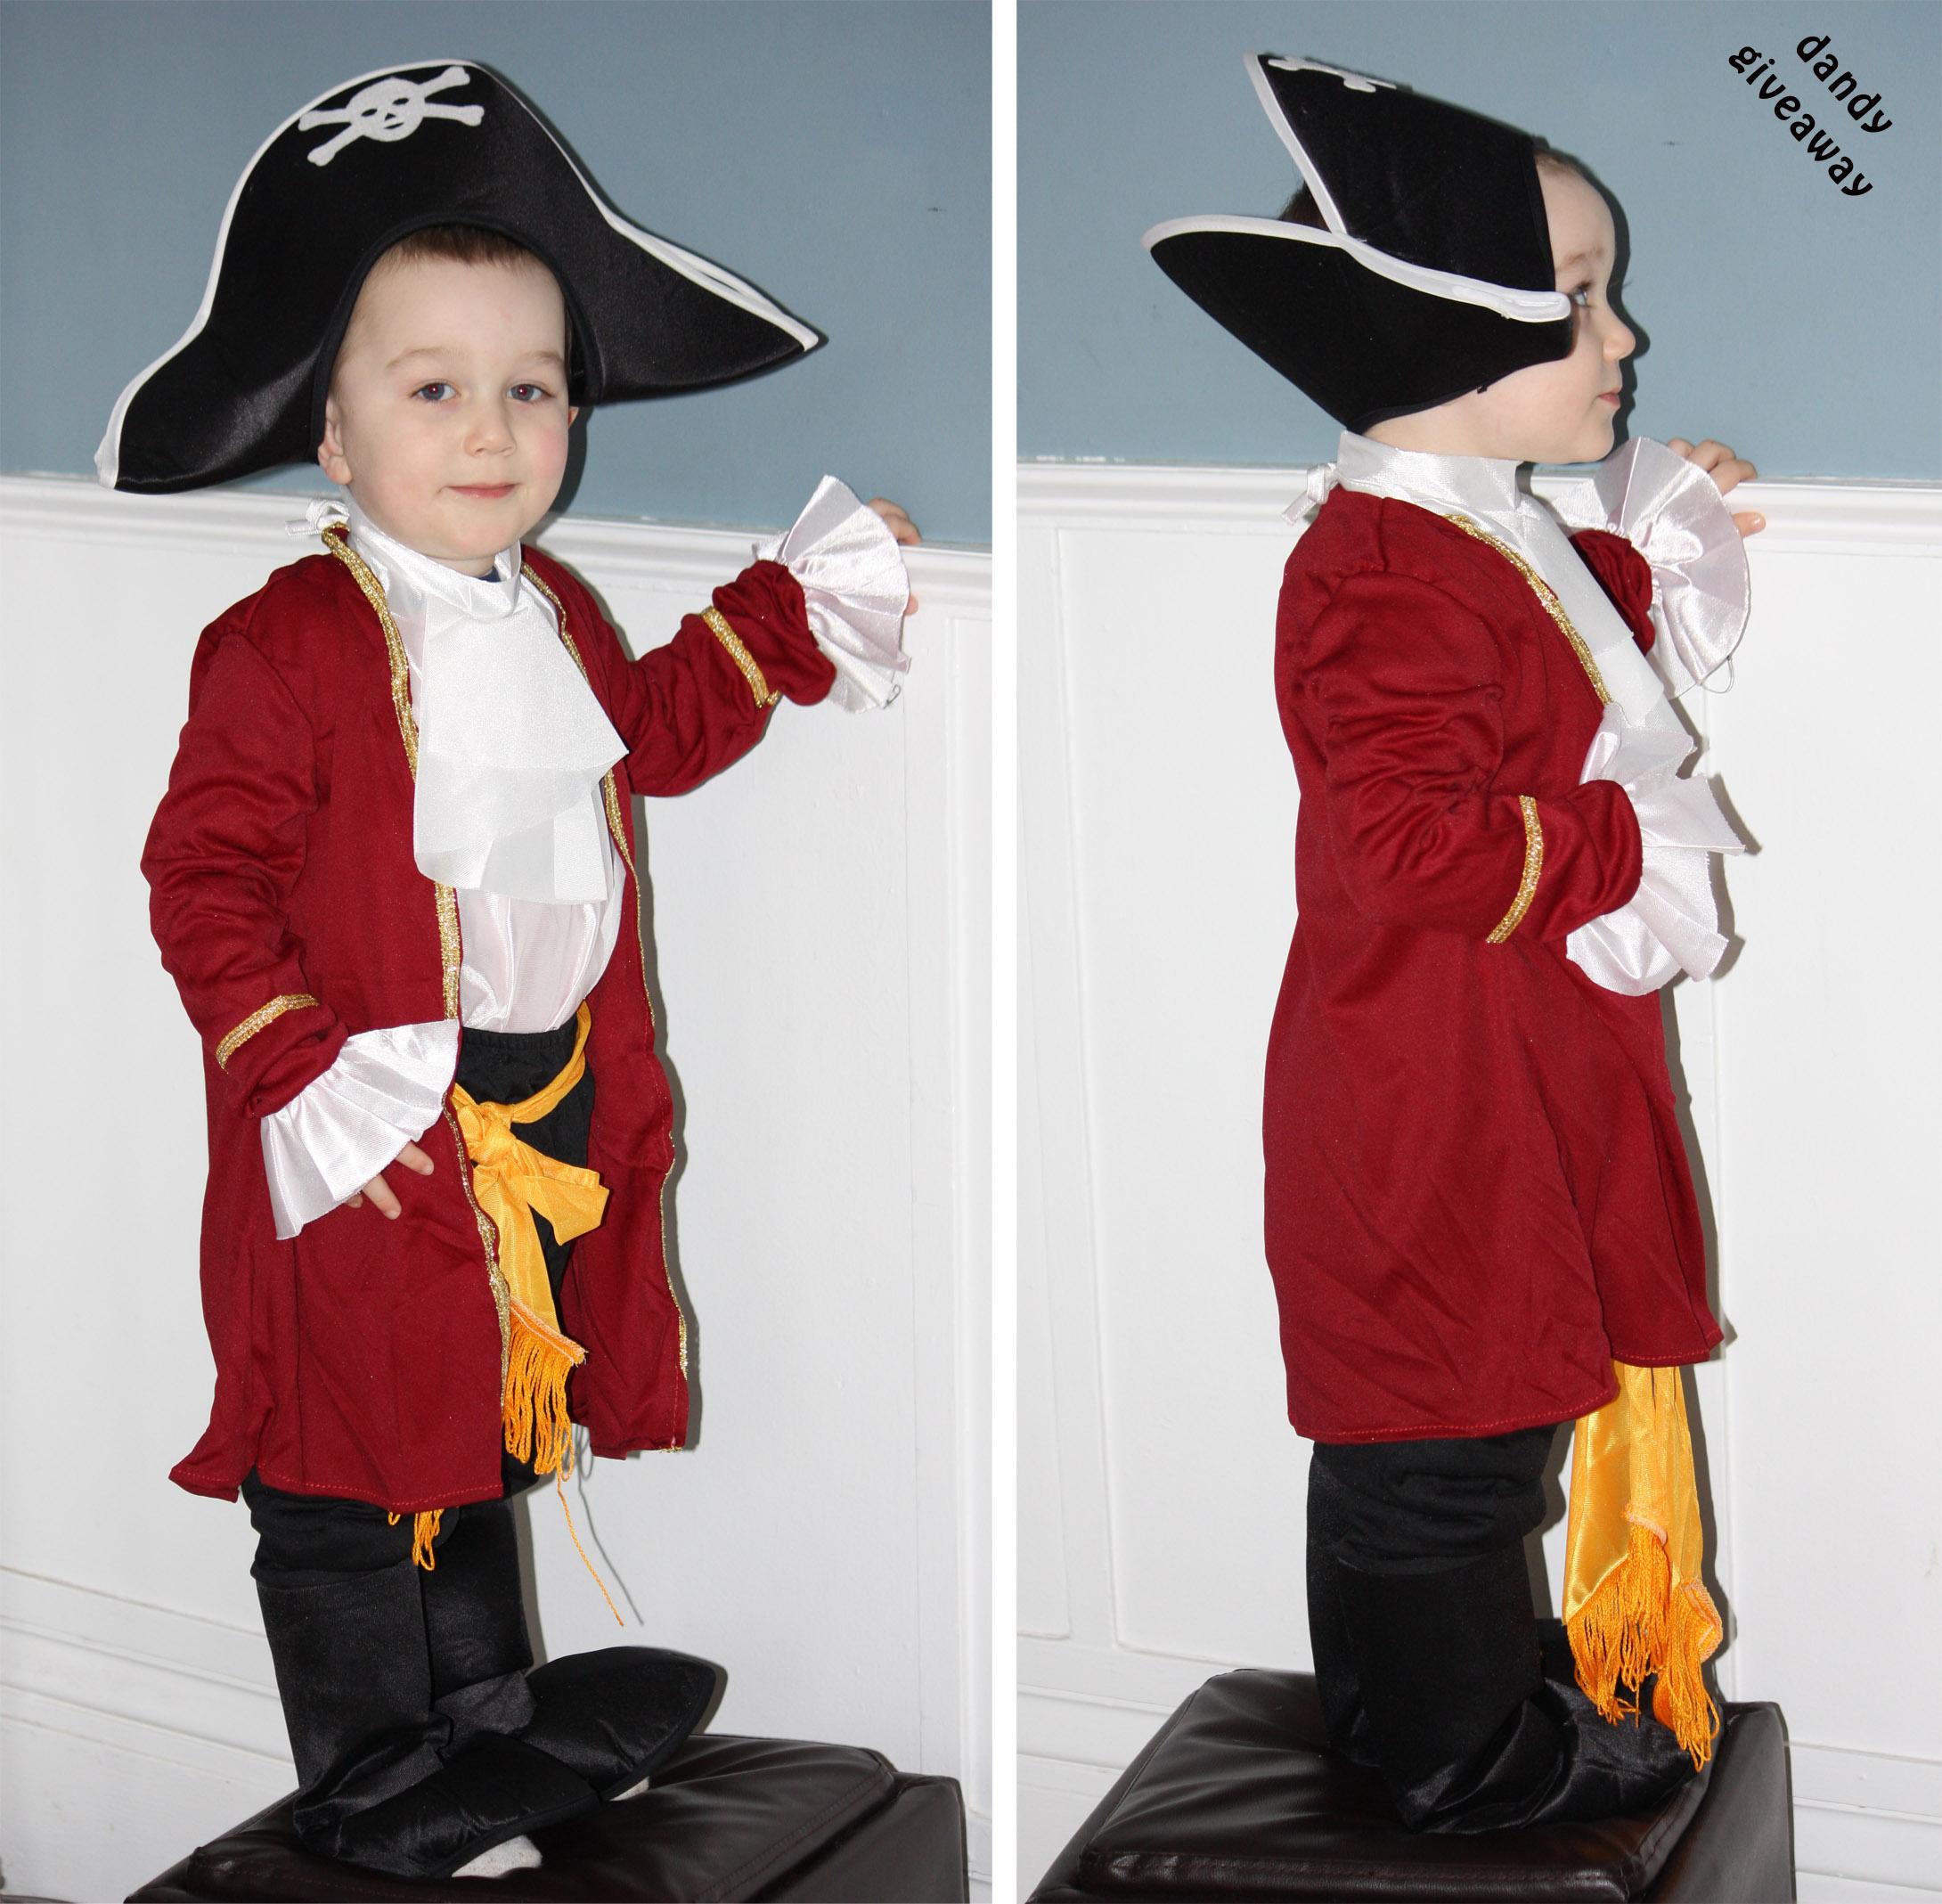 Disney Captain Hook Hat for Kids Red